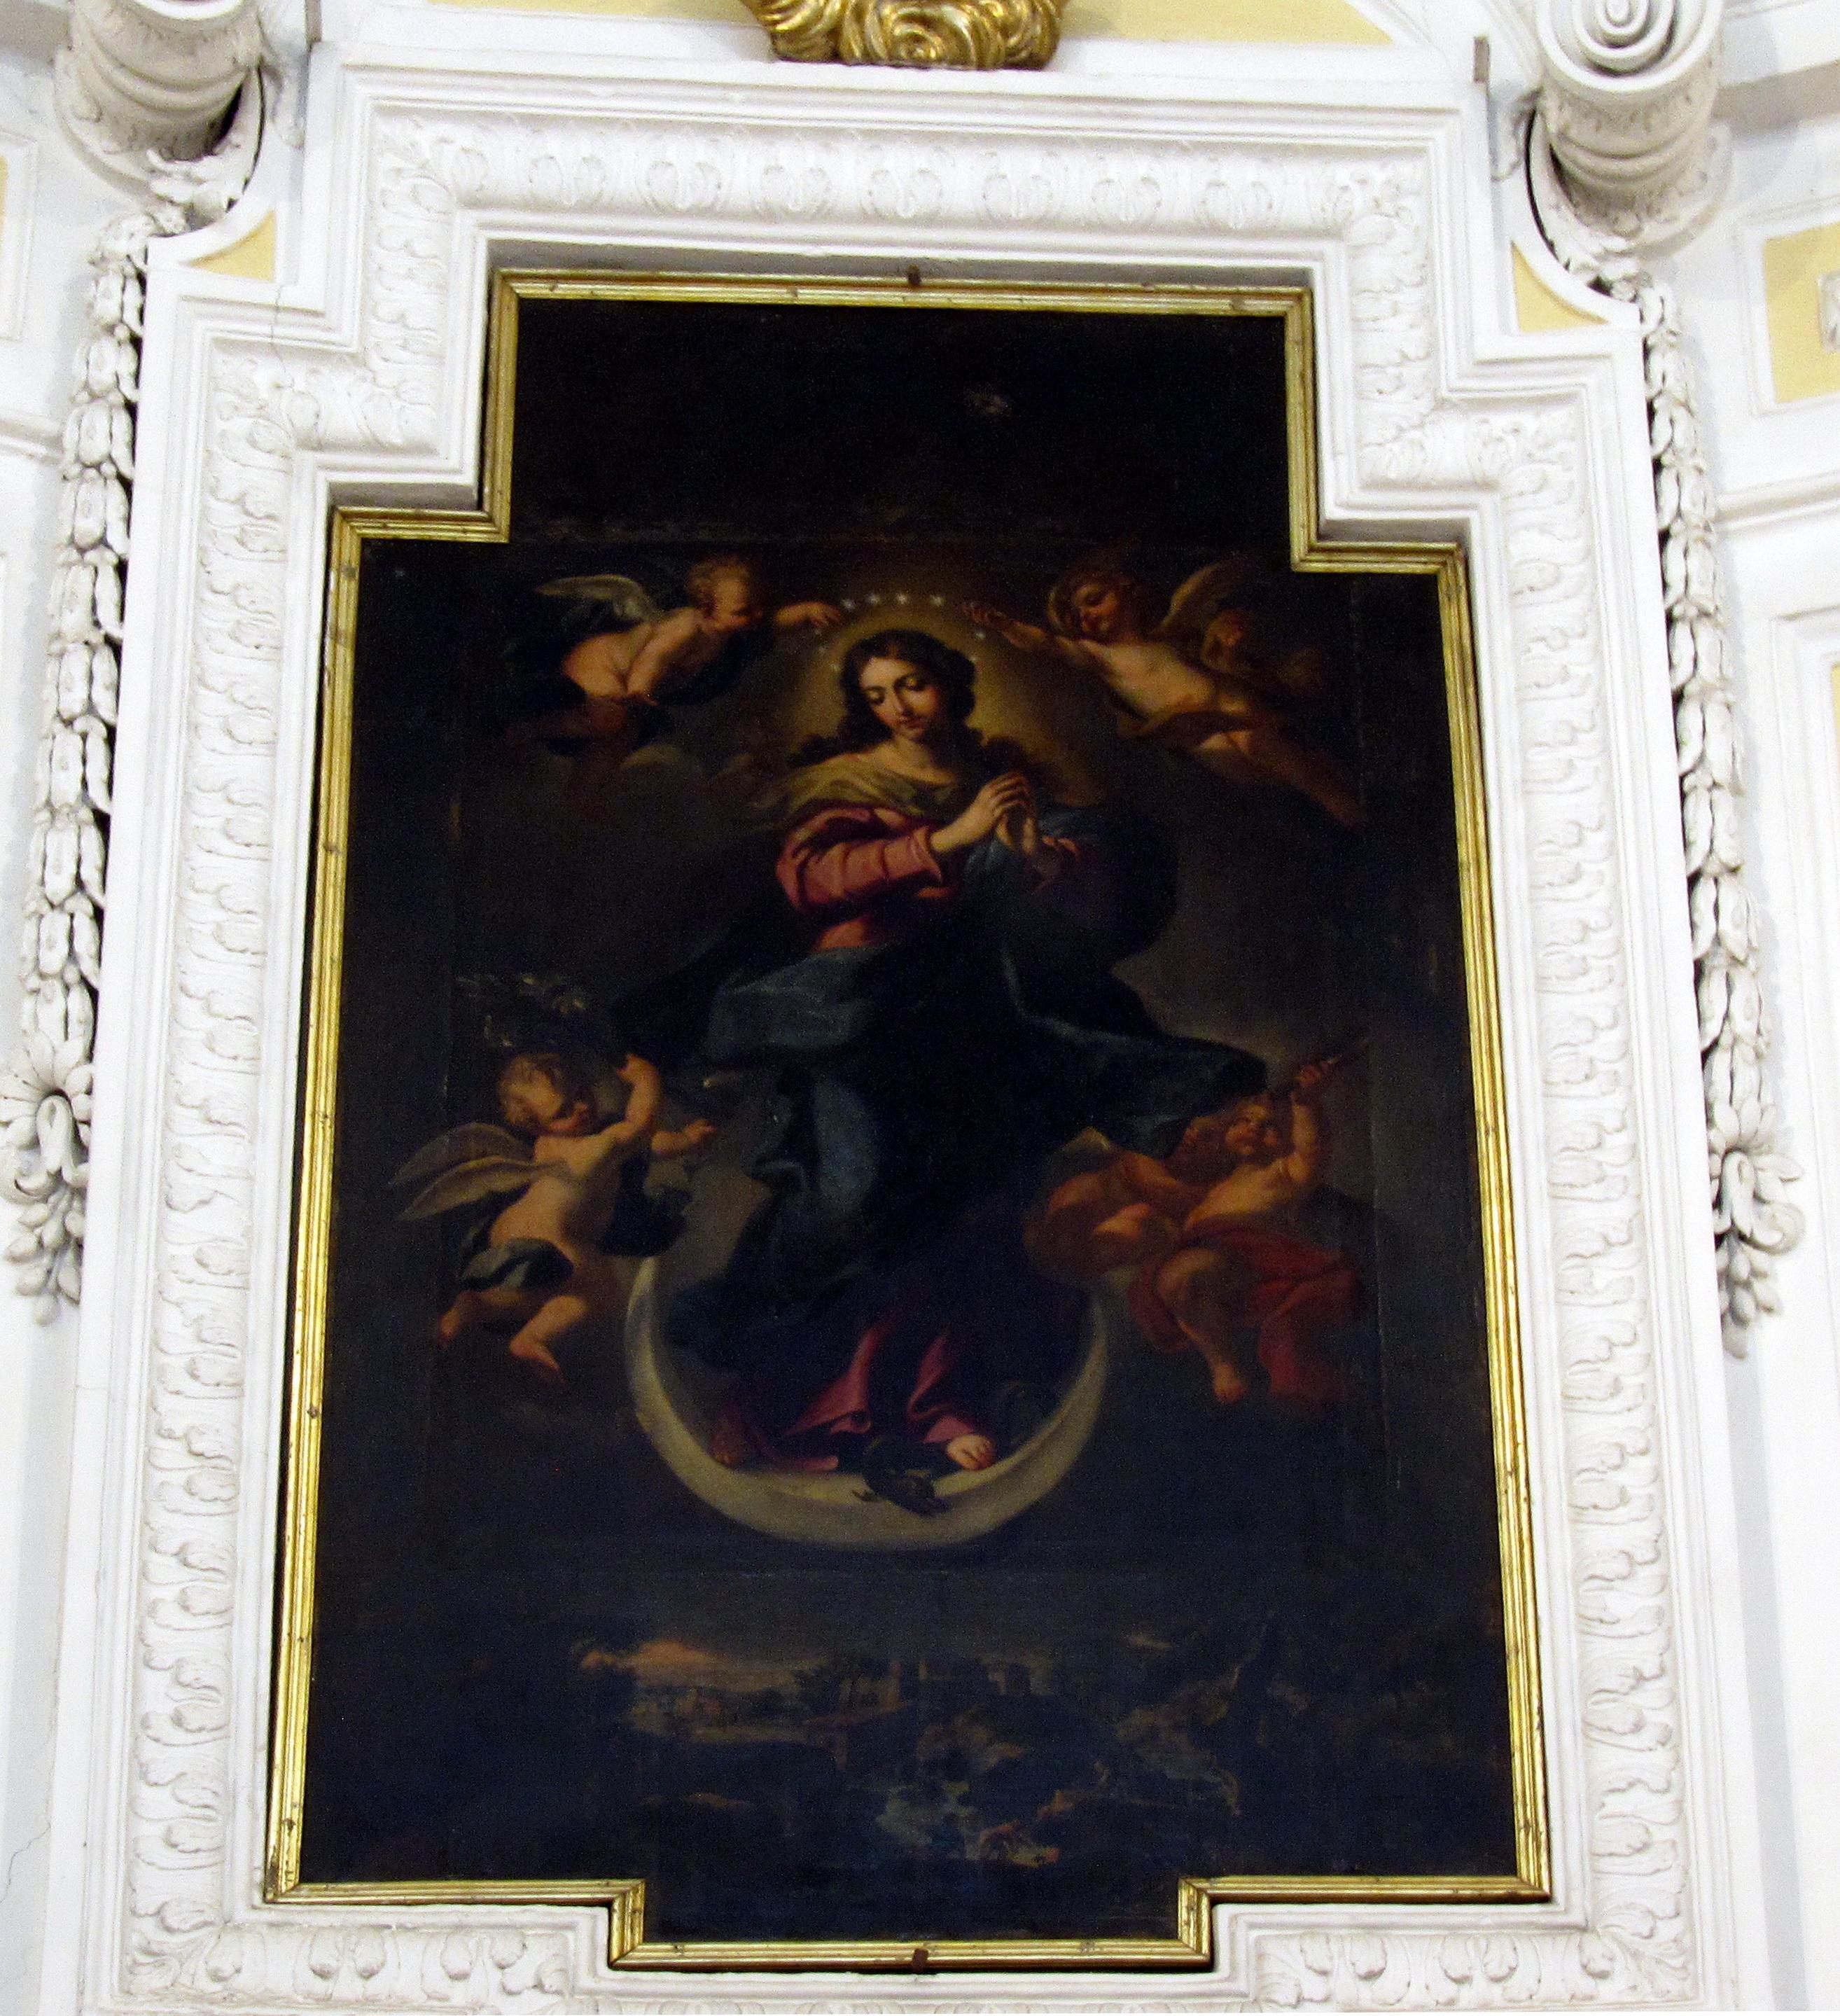 Castellammare di Stabia, Immacolata Concezione, Chiesa di San Giacomo Maggiore